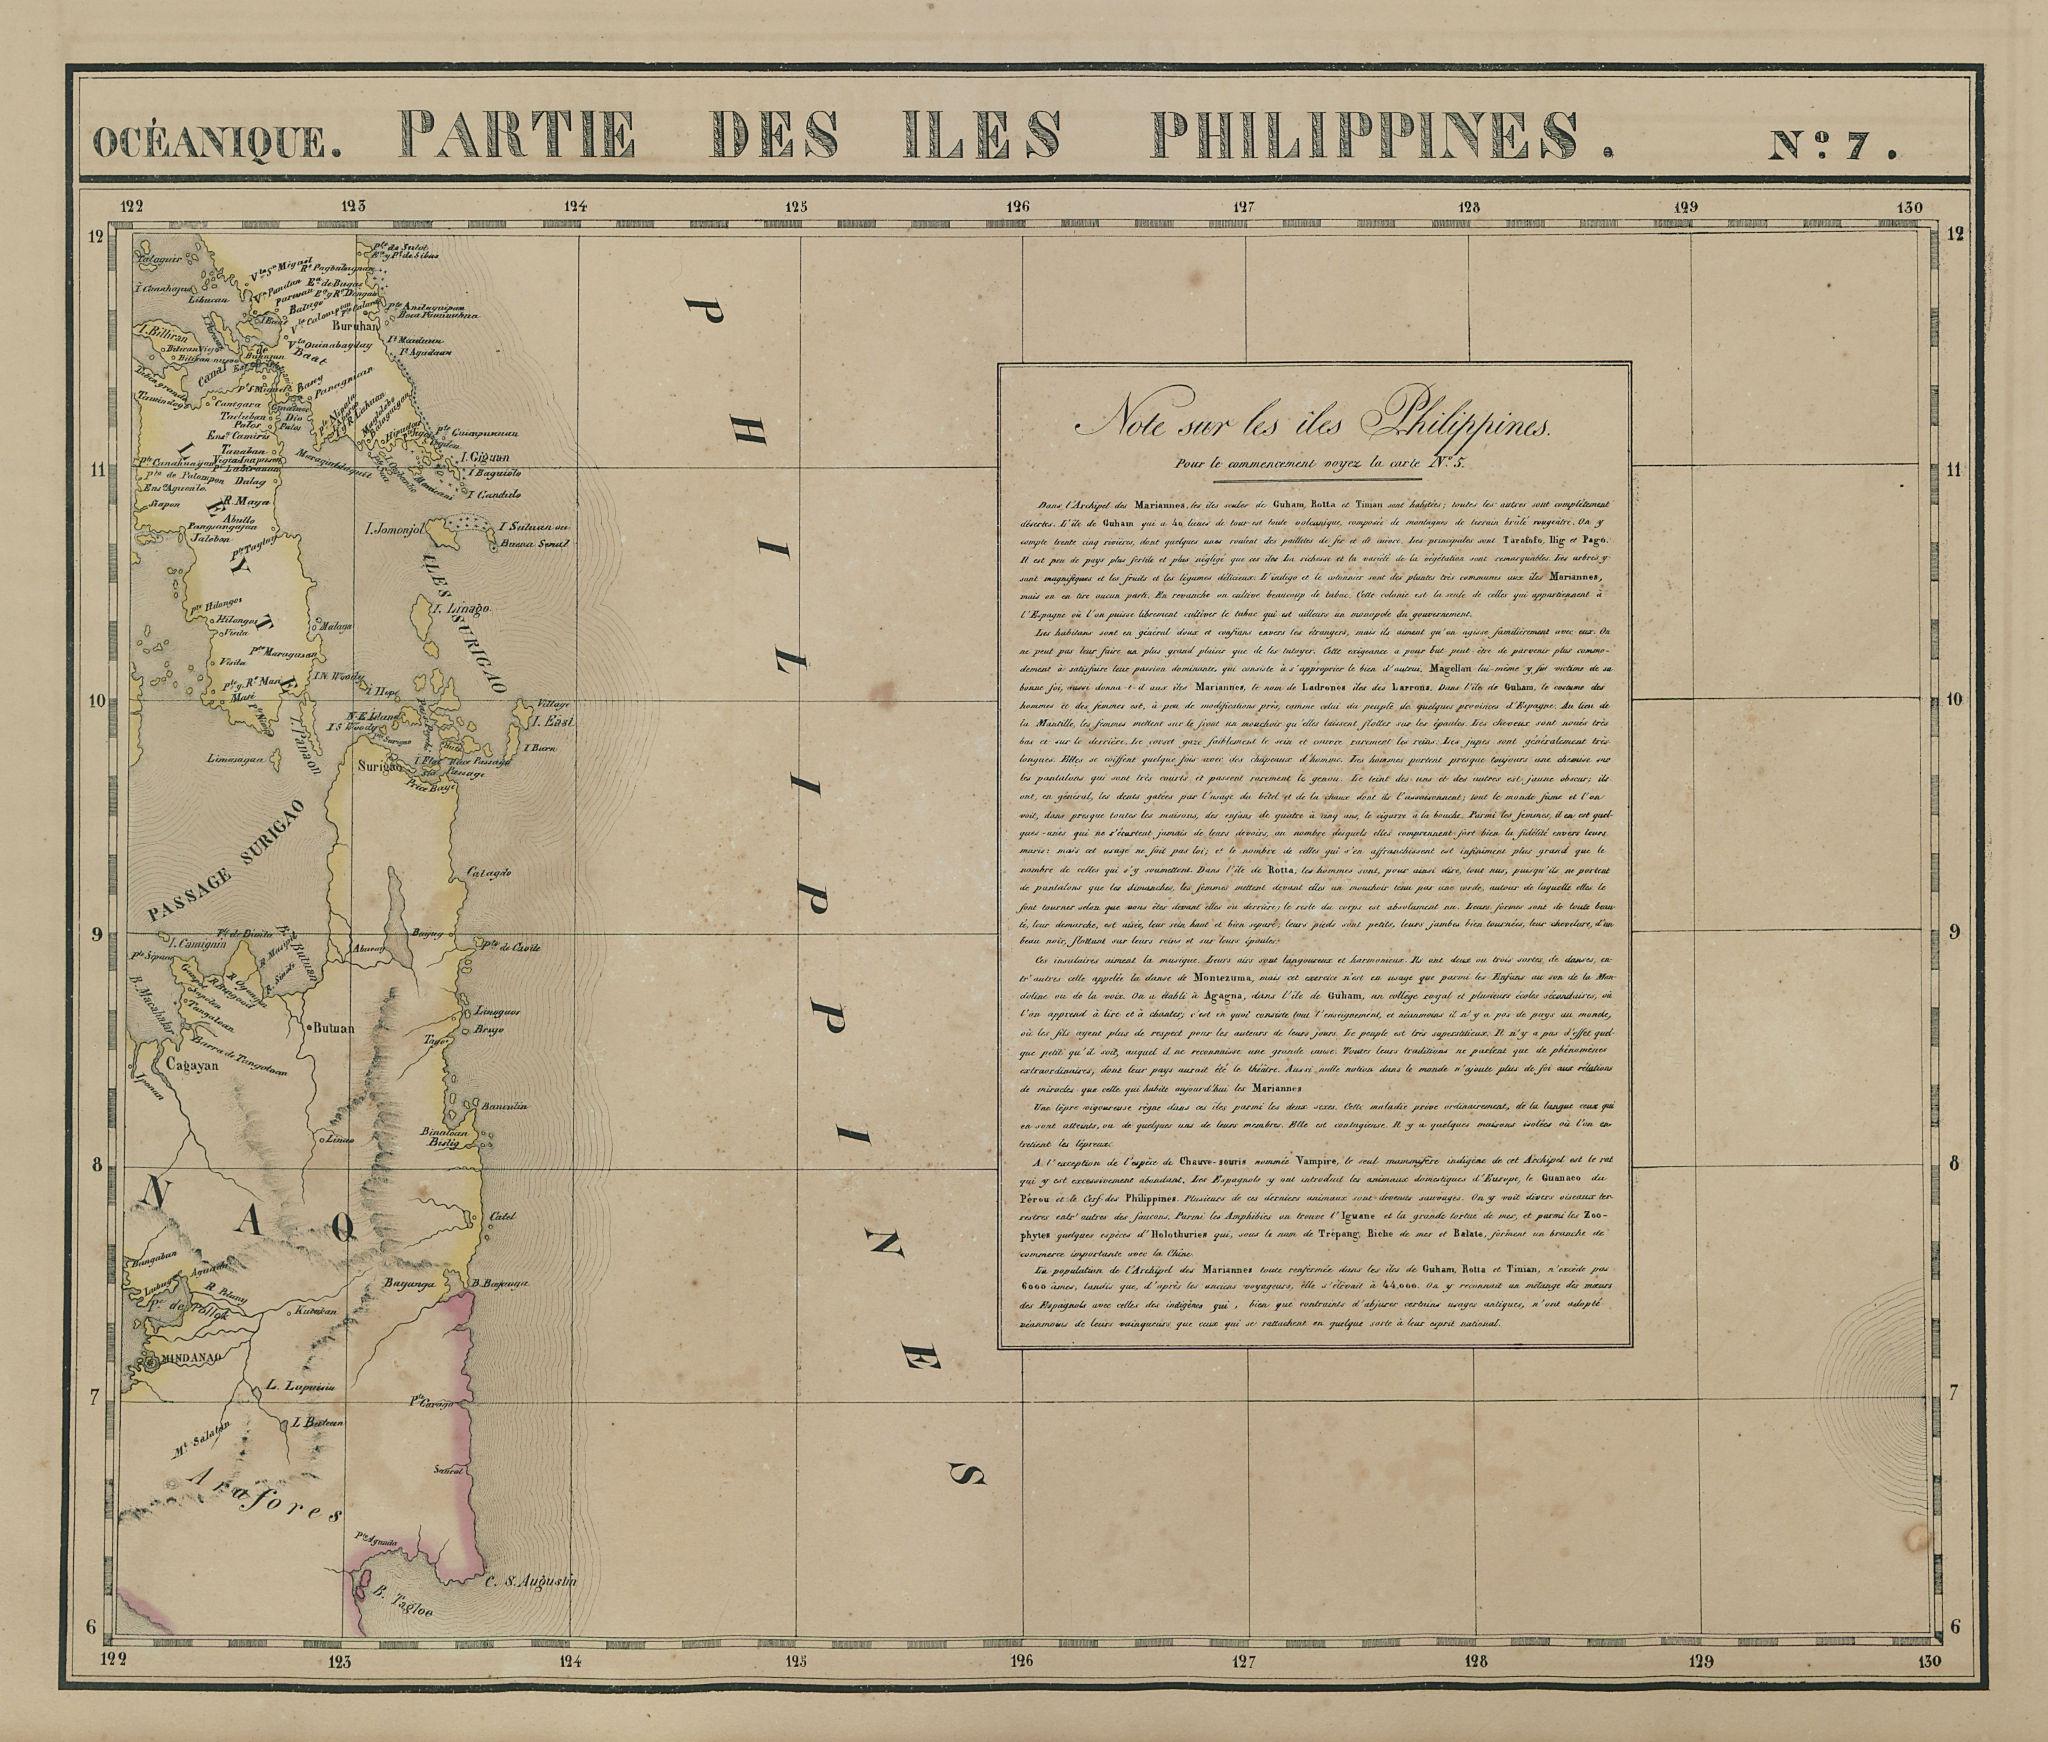 Océanique. Partie des Iles Philippines #7. Mindanao Leyte. VANDERMAELEN 1827 map